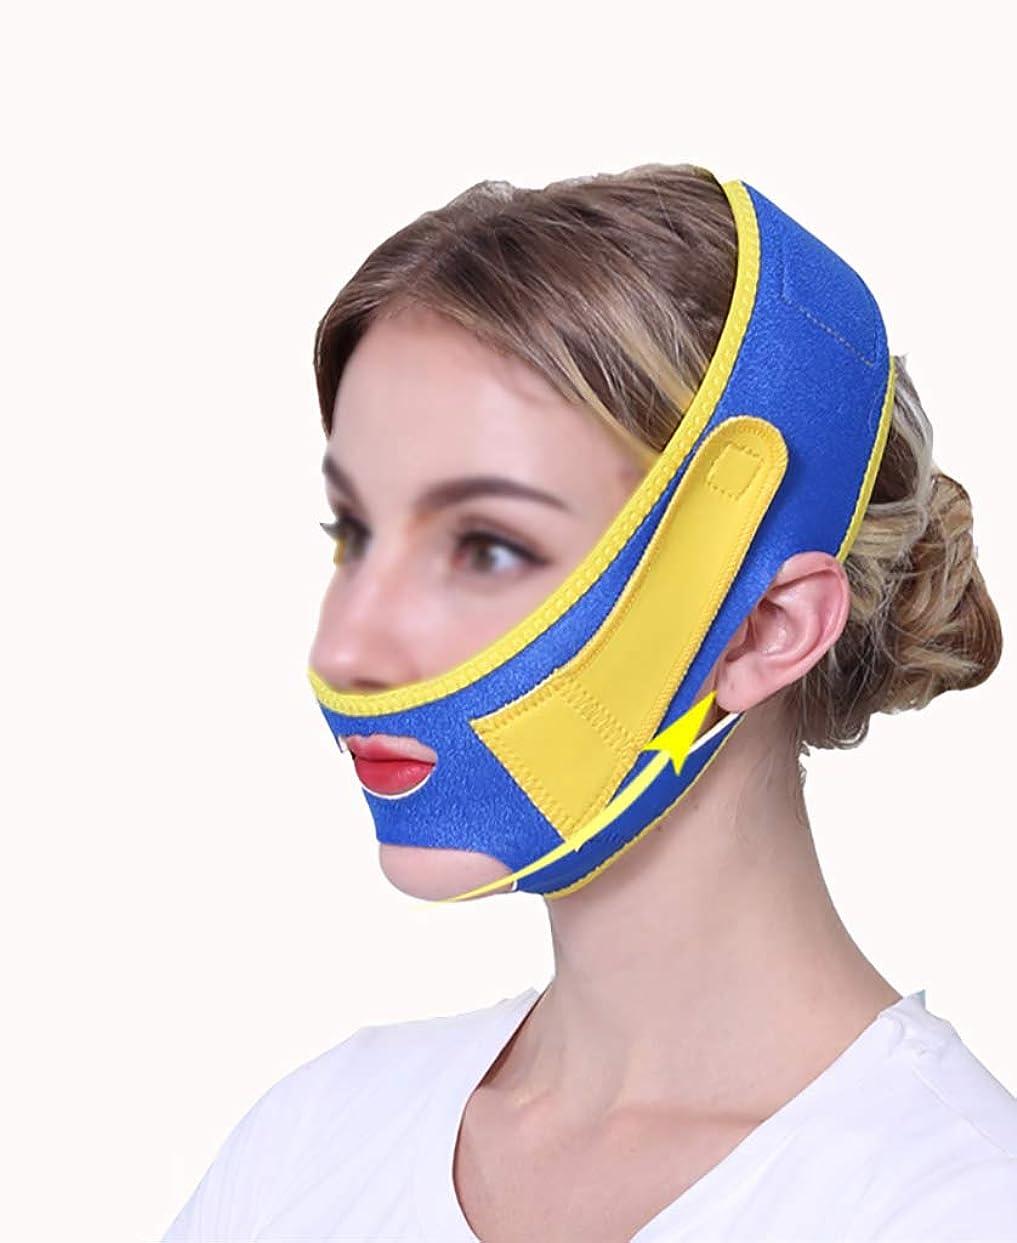 血まみれかかわらず汚染TLMY 薄いフェイスマスクあごストラップ回復包帯薄いフェイスマスクVフェイスステッカーフェイスステッカー韓国本物のリフティング引き締め形状の薄い二重あごの薄い顔の睡眠包帯アーティファクト 顔用整形マスク